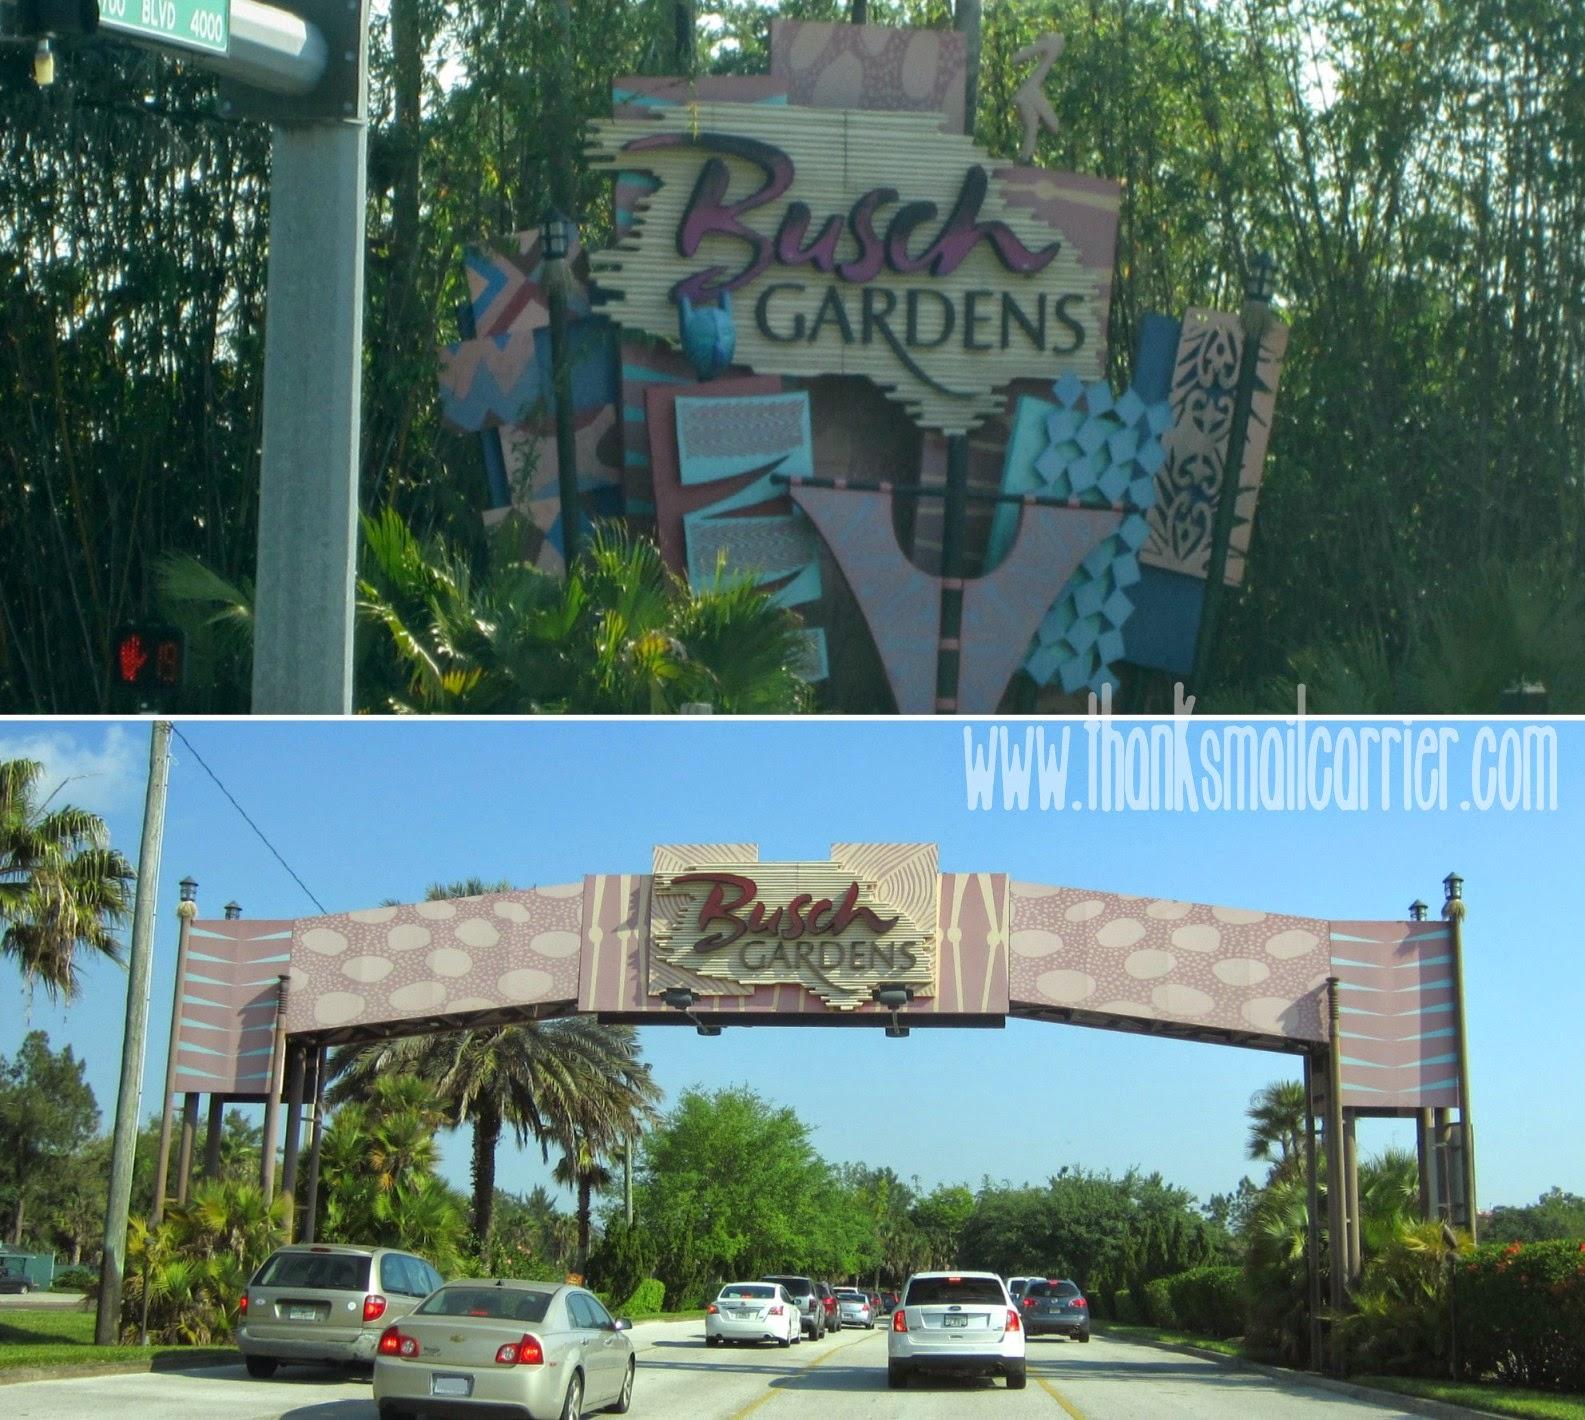 Busch Gardens Tampa entrance